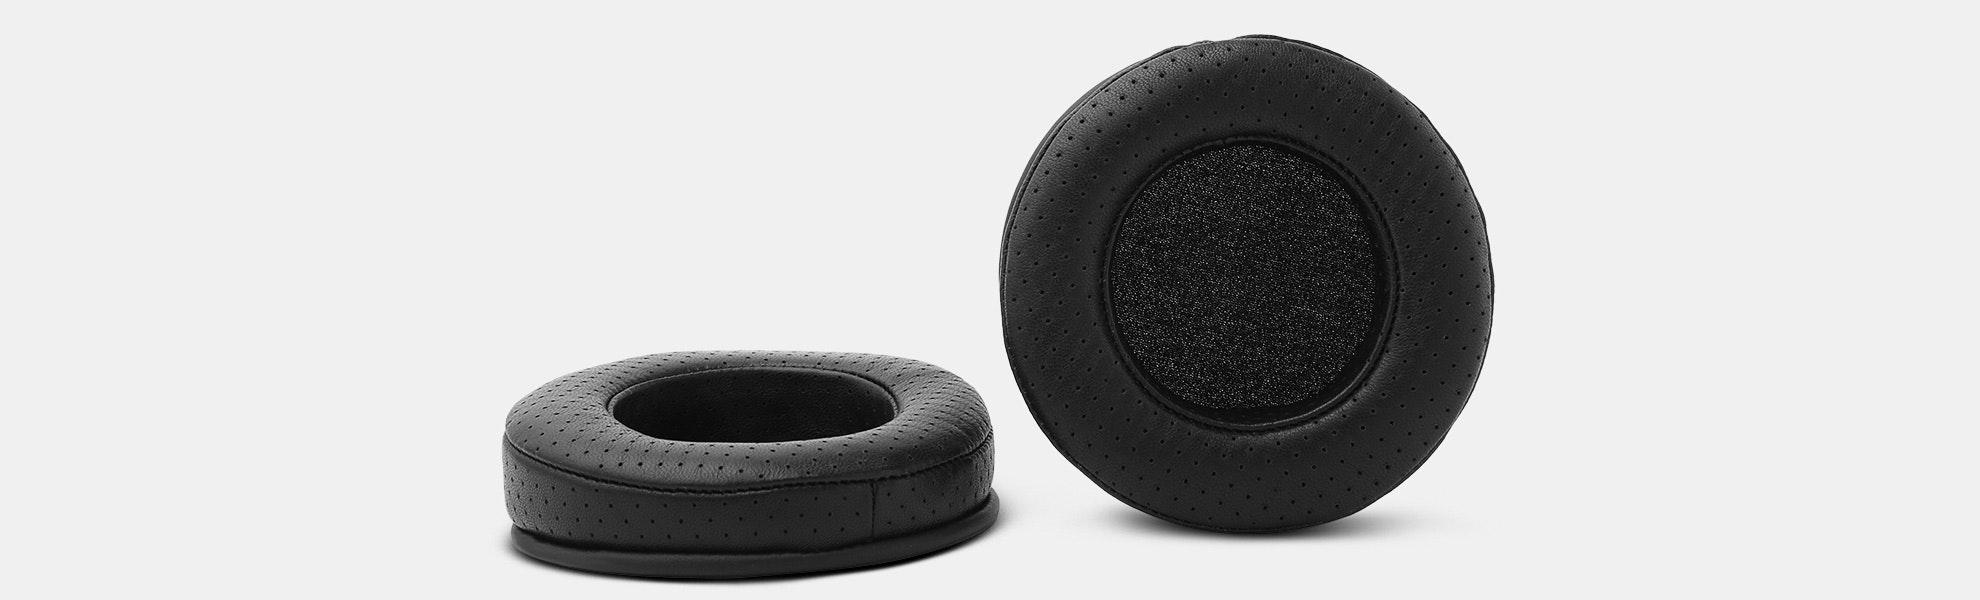 Dekoni Premium Ear Pads for HIFIMAN HE Series